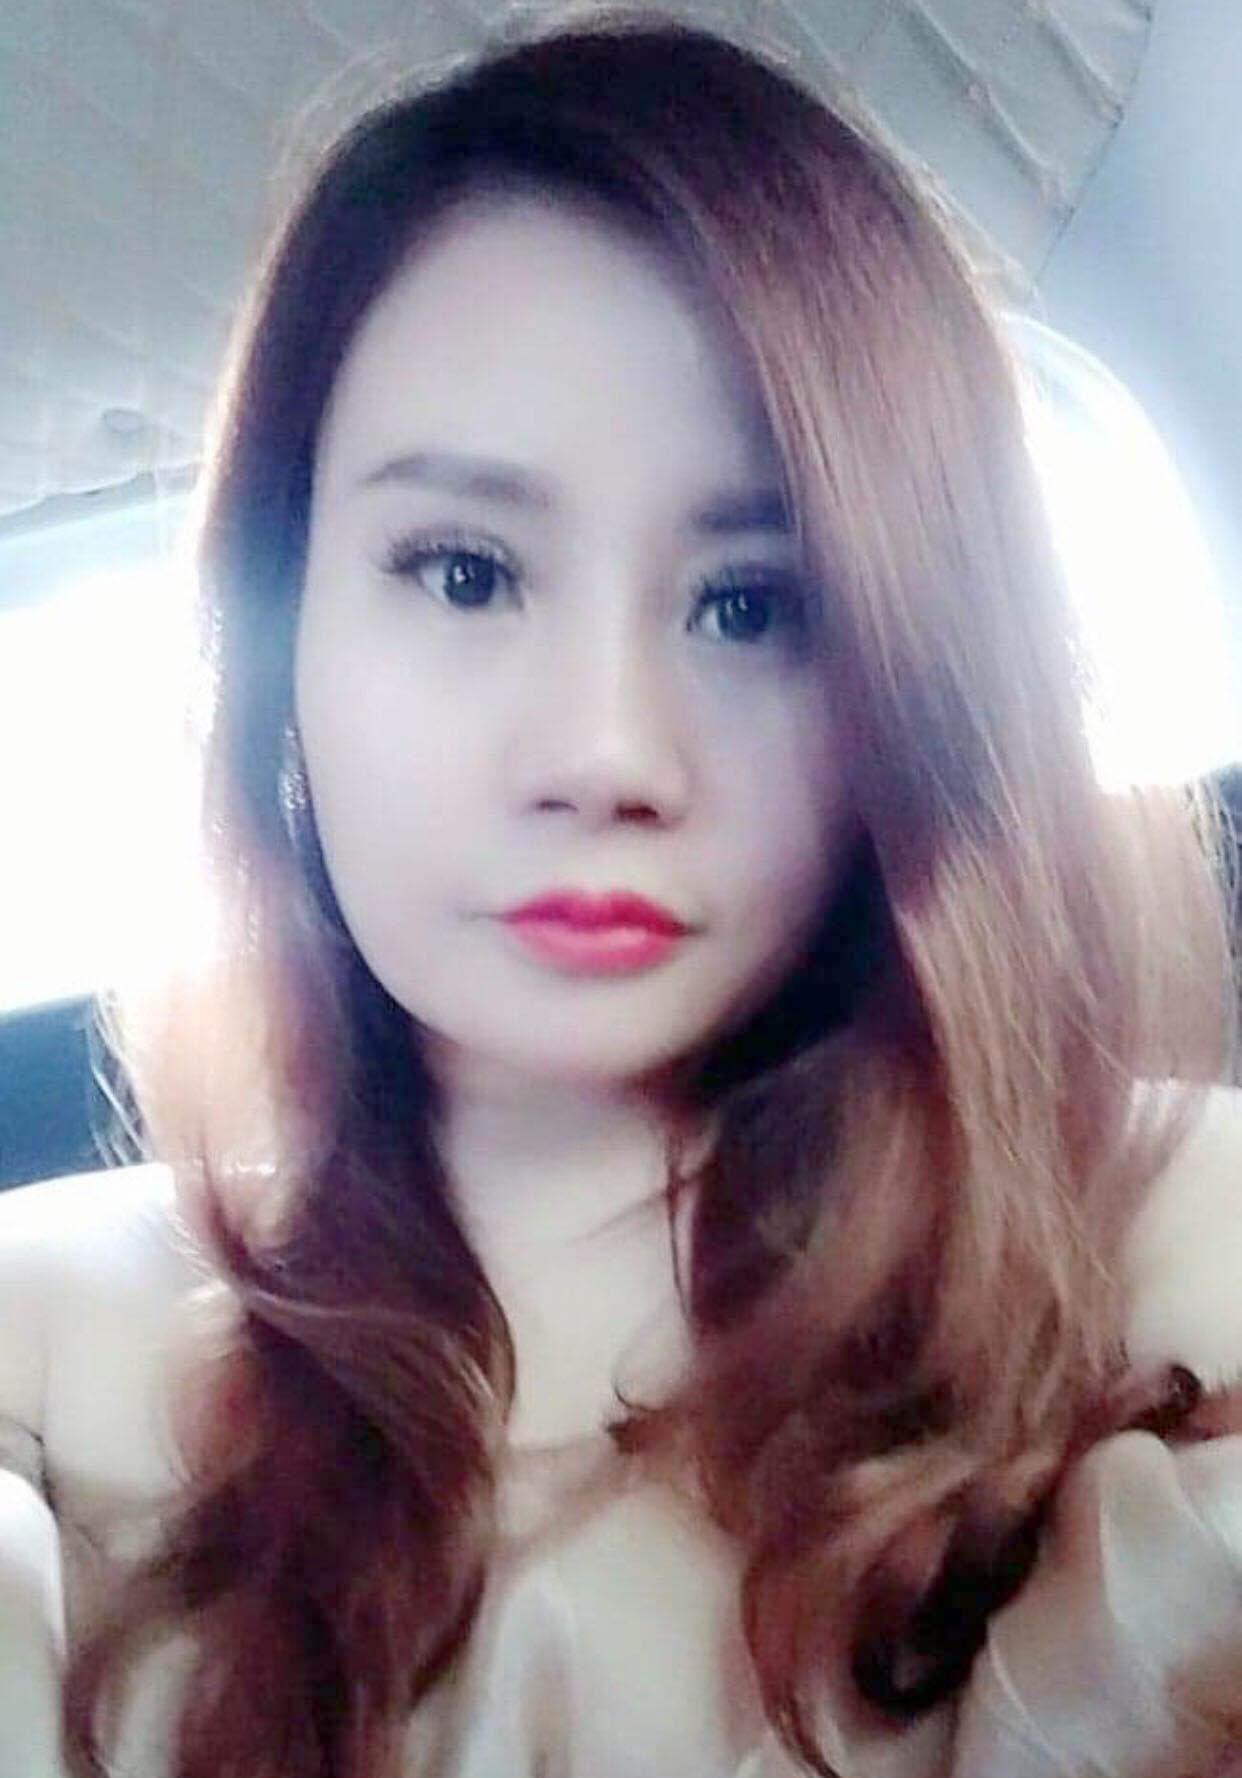 Triệt phá đường dây 'gái gọi' sinh viên ở Hà Nội  1